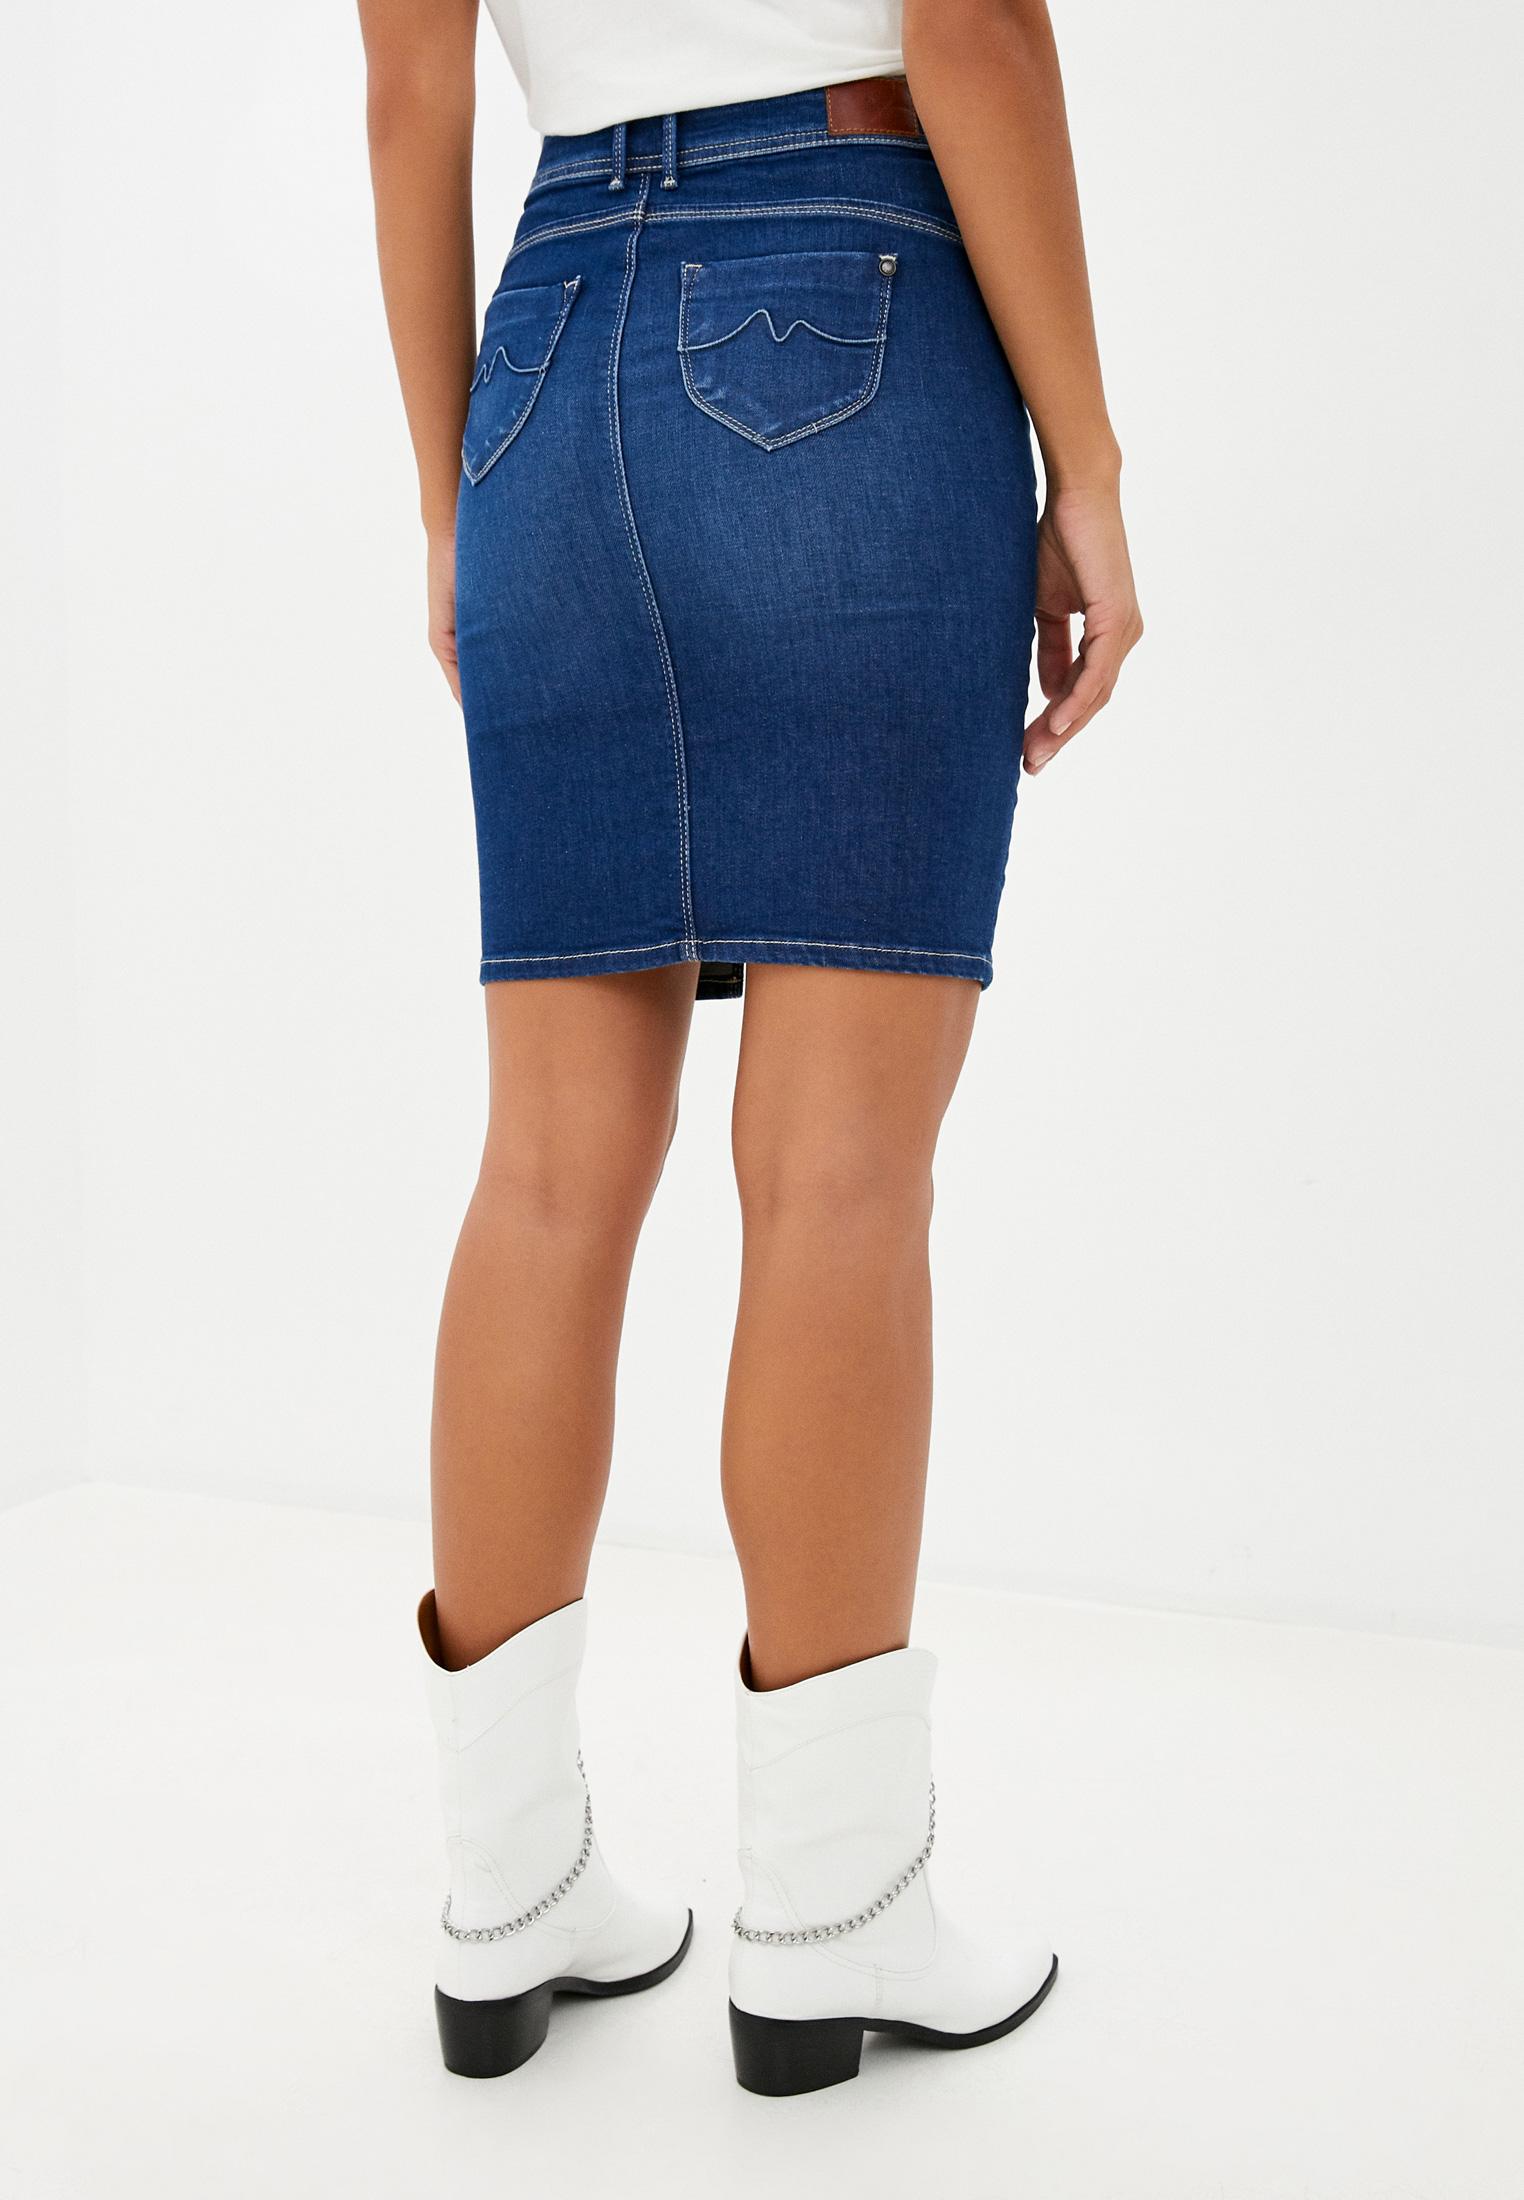 Джинсовая юбка Pepe Jeans (Пепе Джинс) PL900443HE1